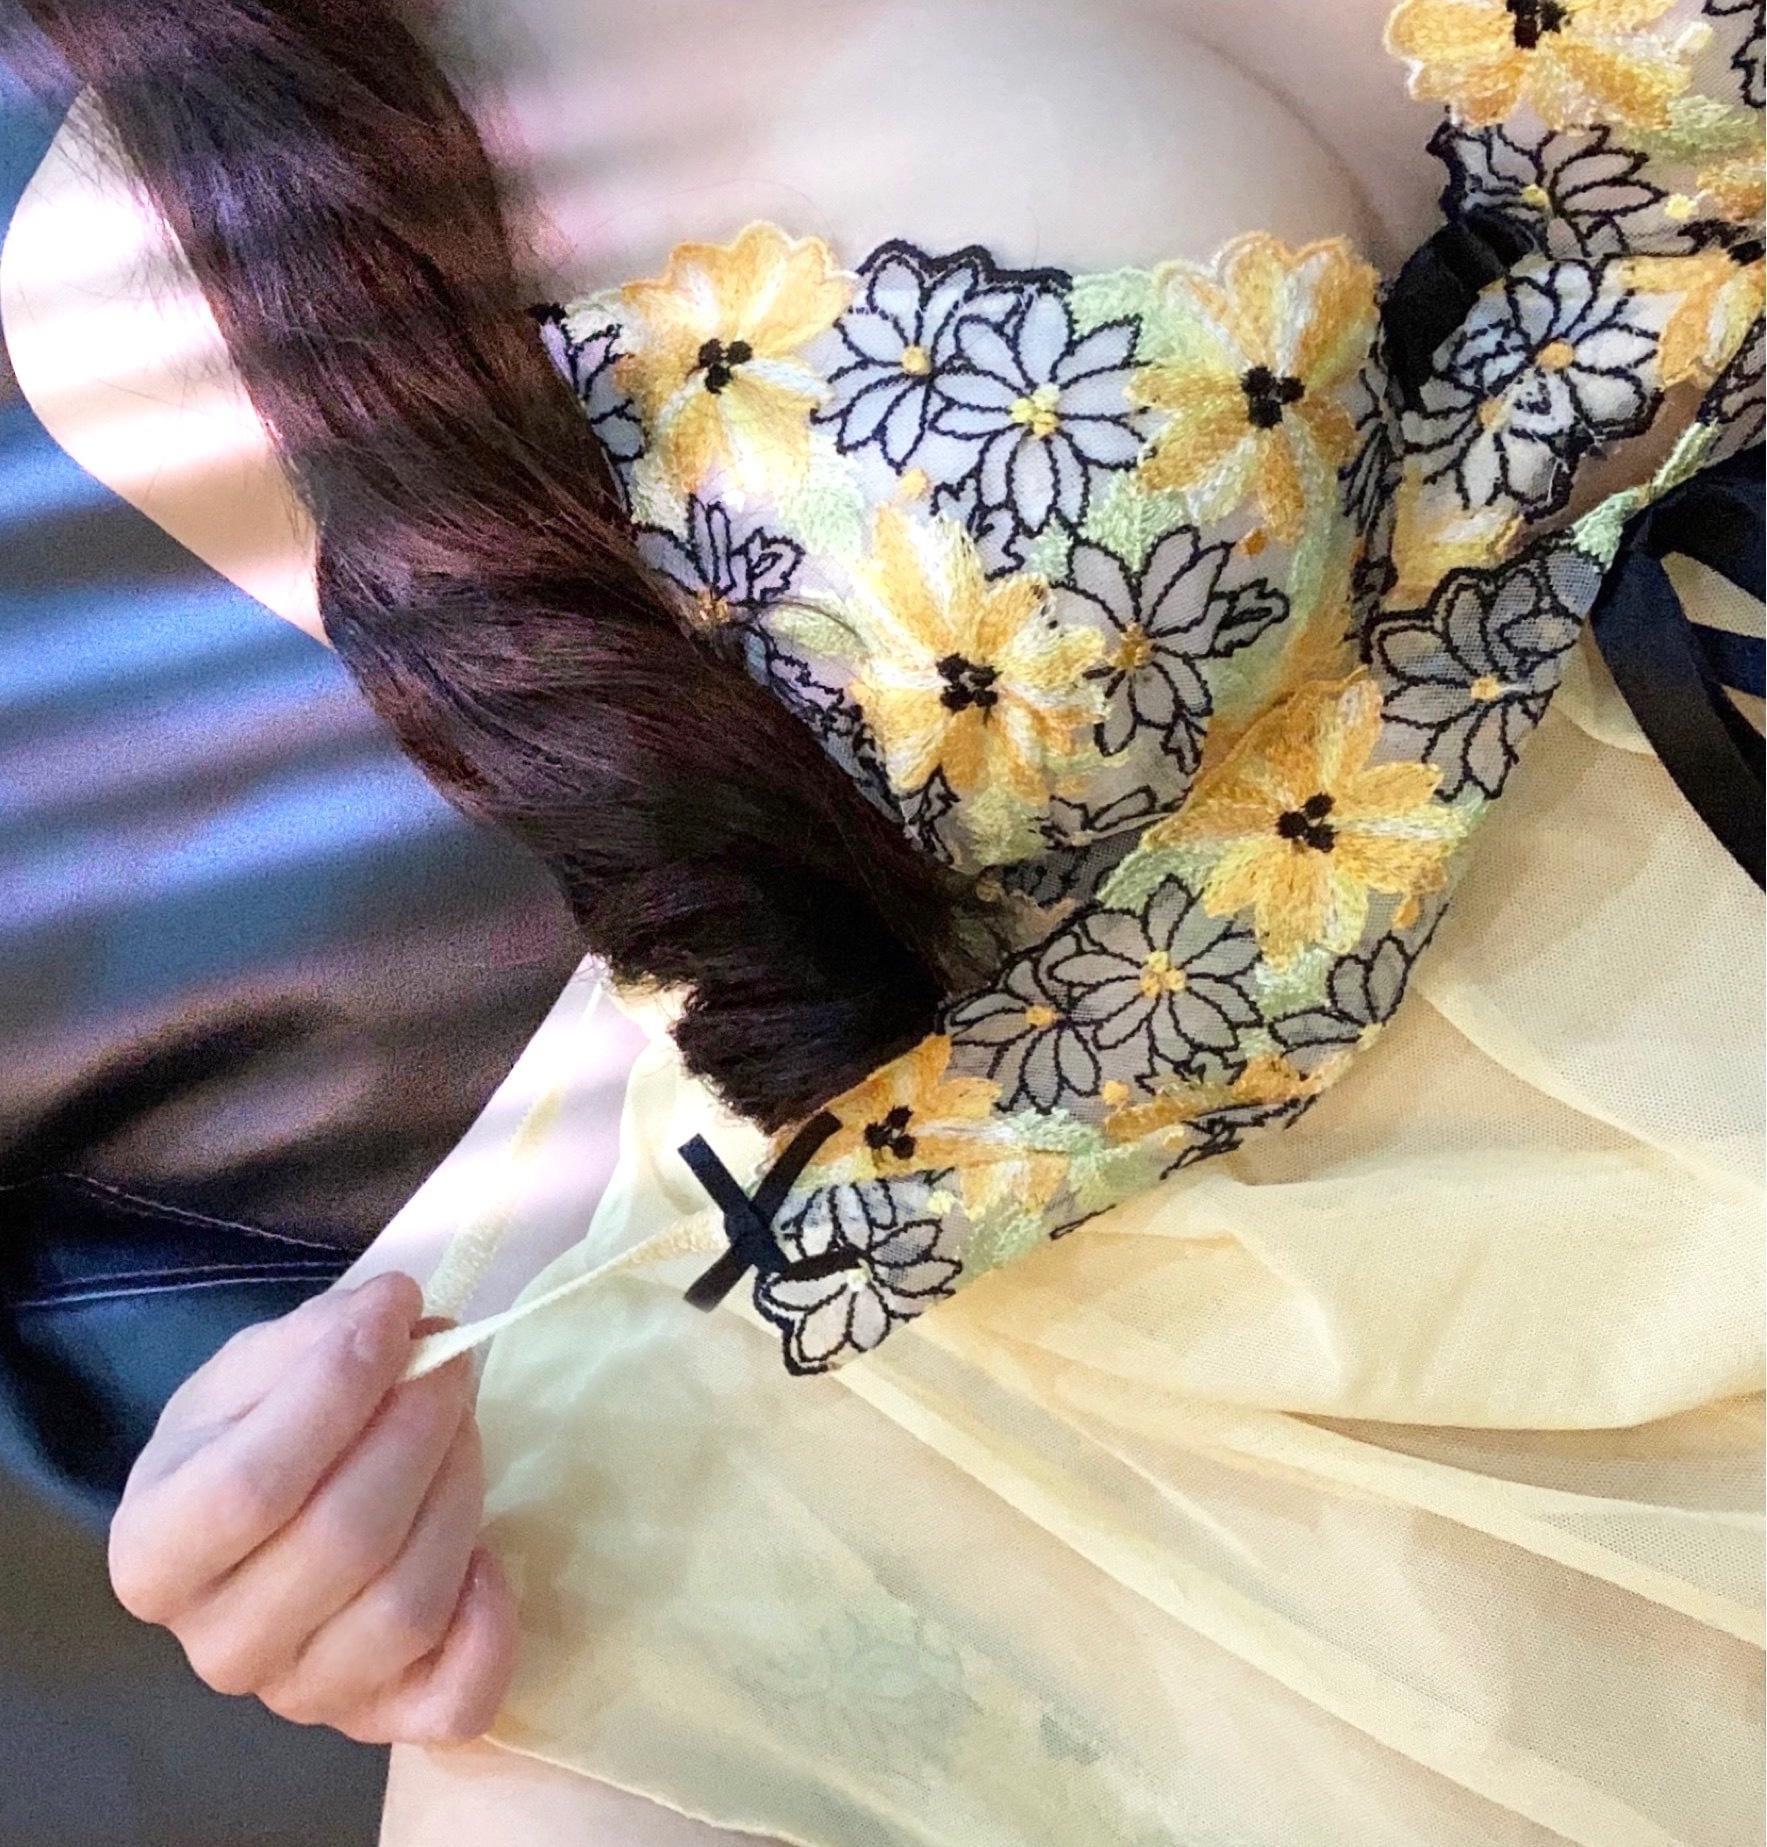 「魔法のコスメ☆」04/13(04/13) 17:35 | りさの写メ・風俗動画